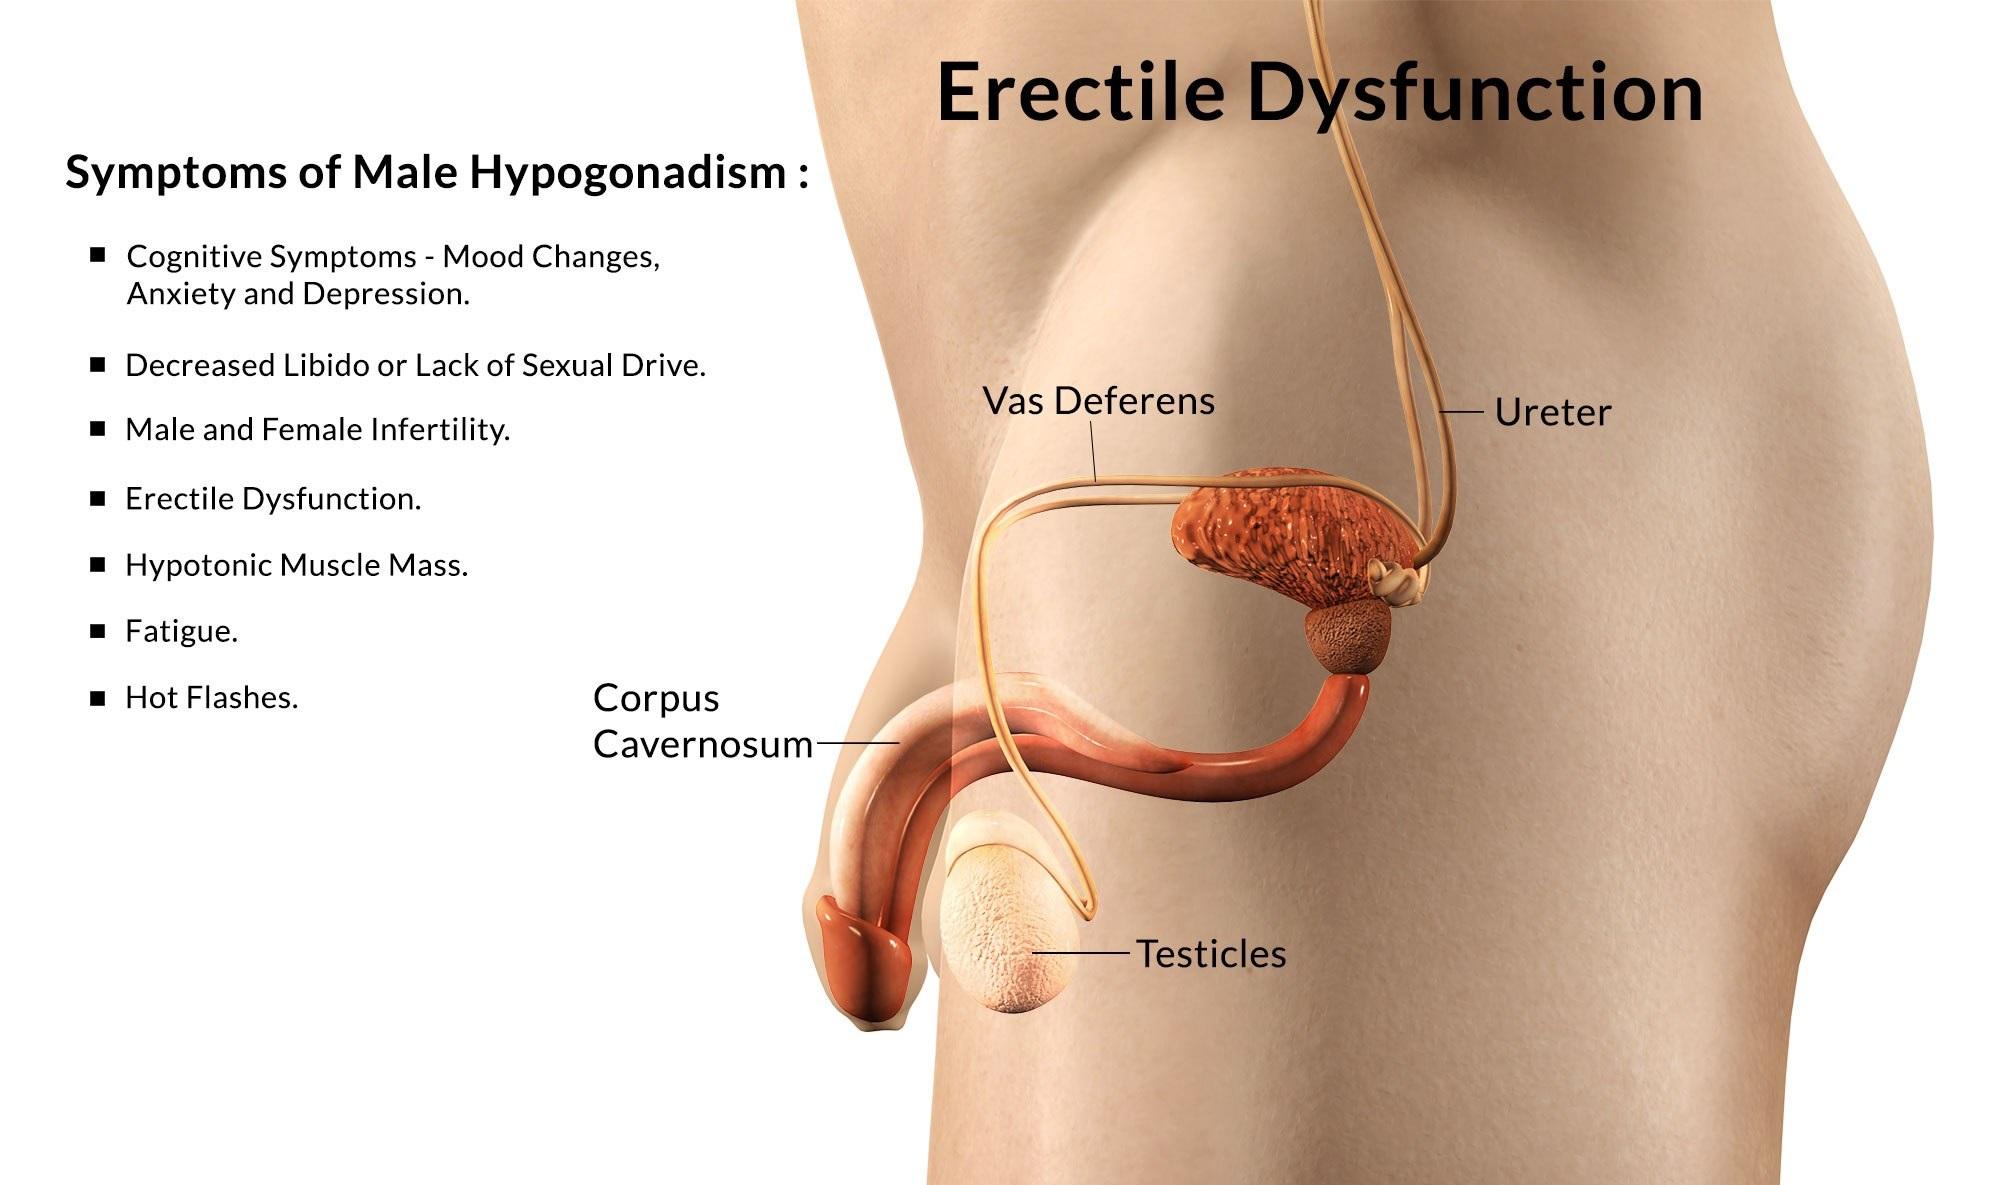 Что такое эректильная дисфункция у мужчин — причины, симптомы и лечение